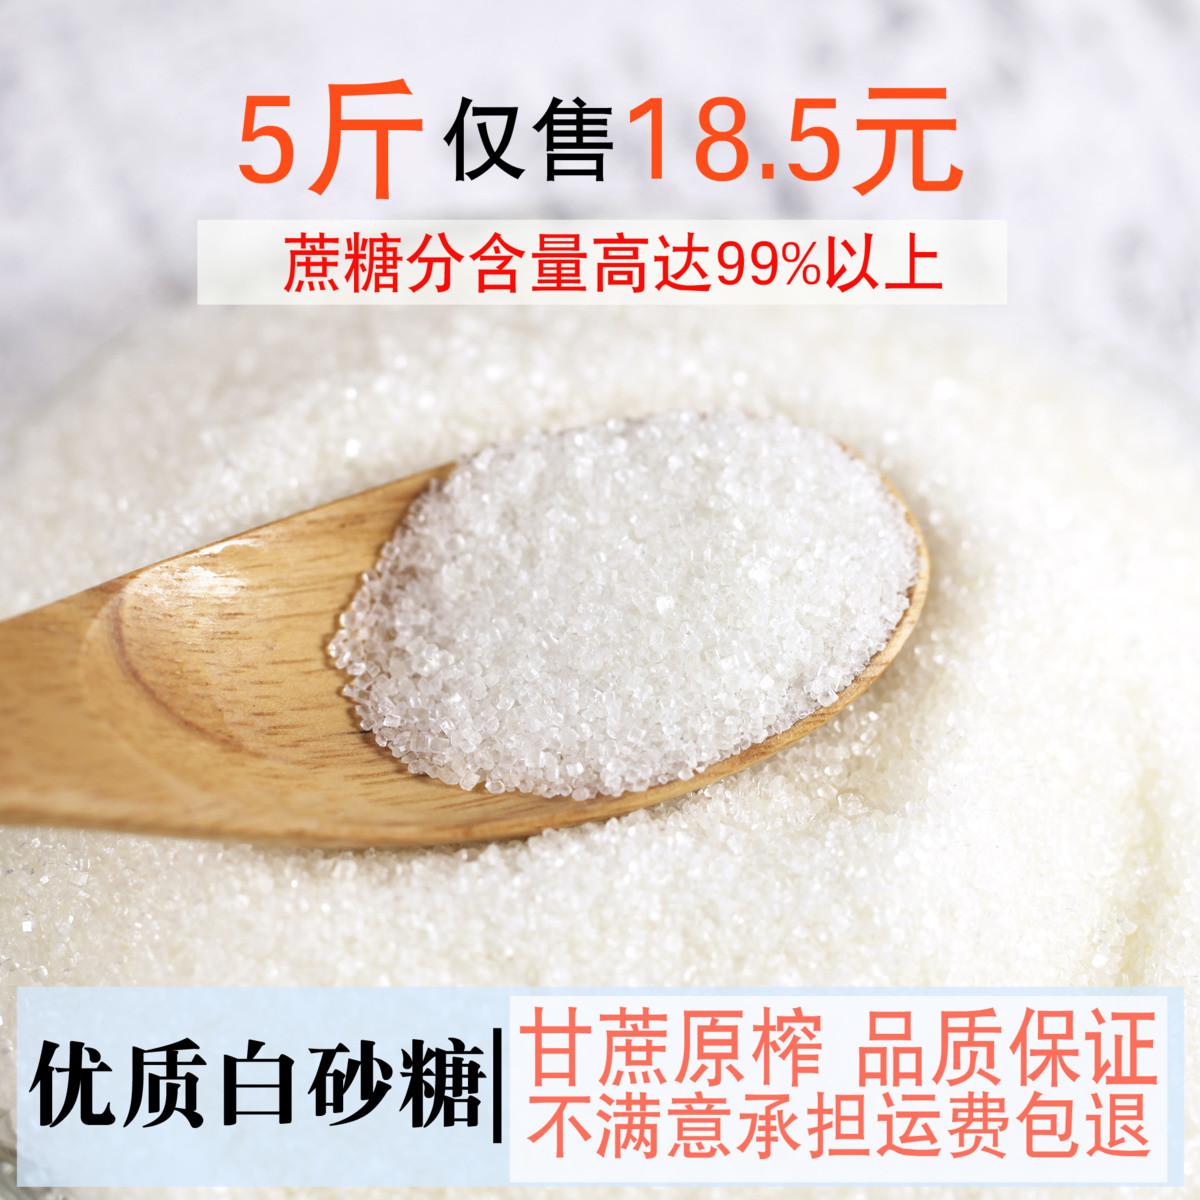 云南优质一级酸菜5斤散装纯白糖白砂糖细白花甘蔗有坛子怎么办图片